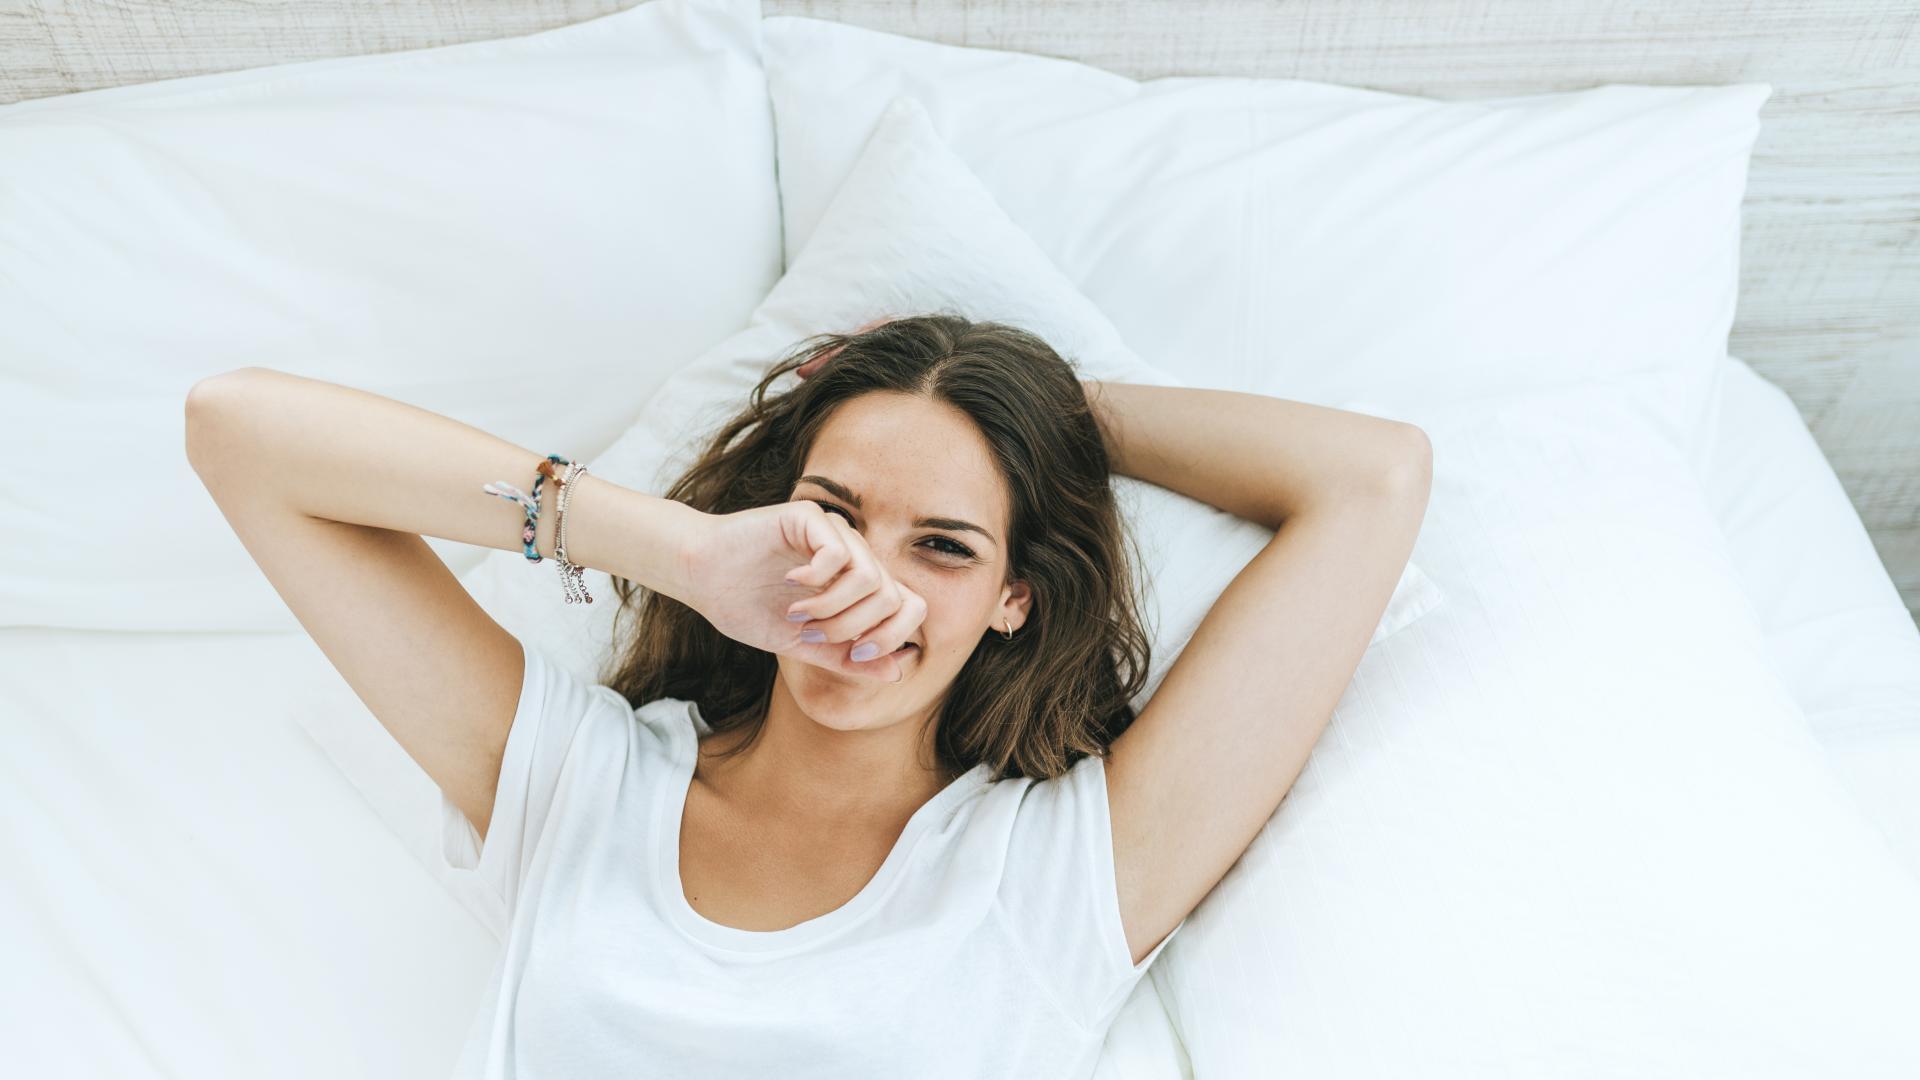 junge glückliche Frau im Bett mit weißem T-Shirt